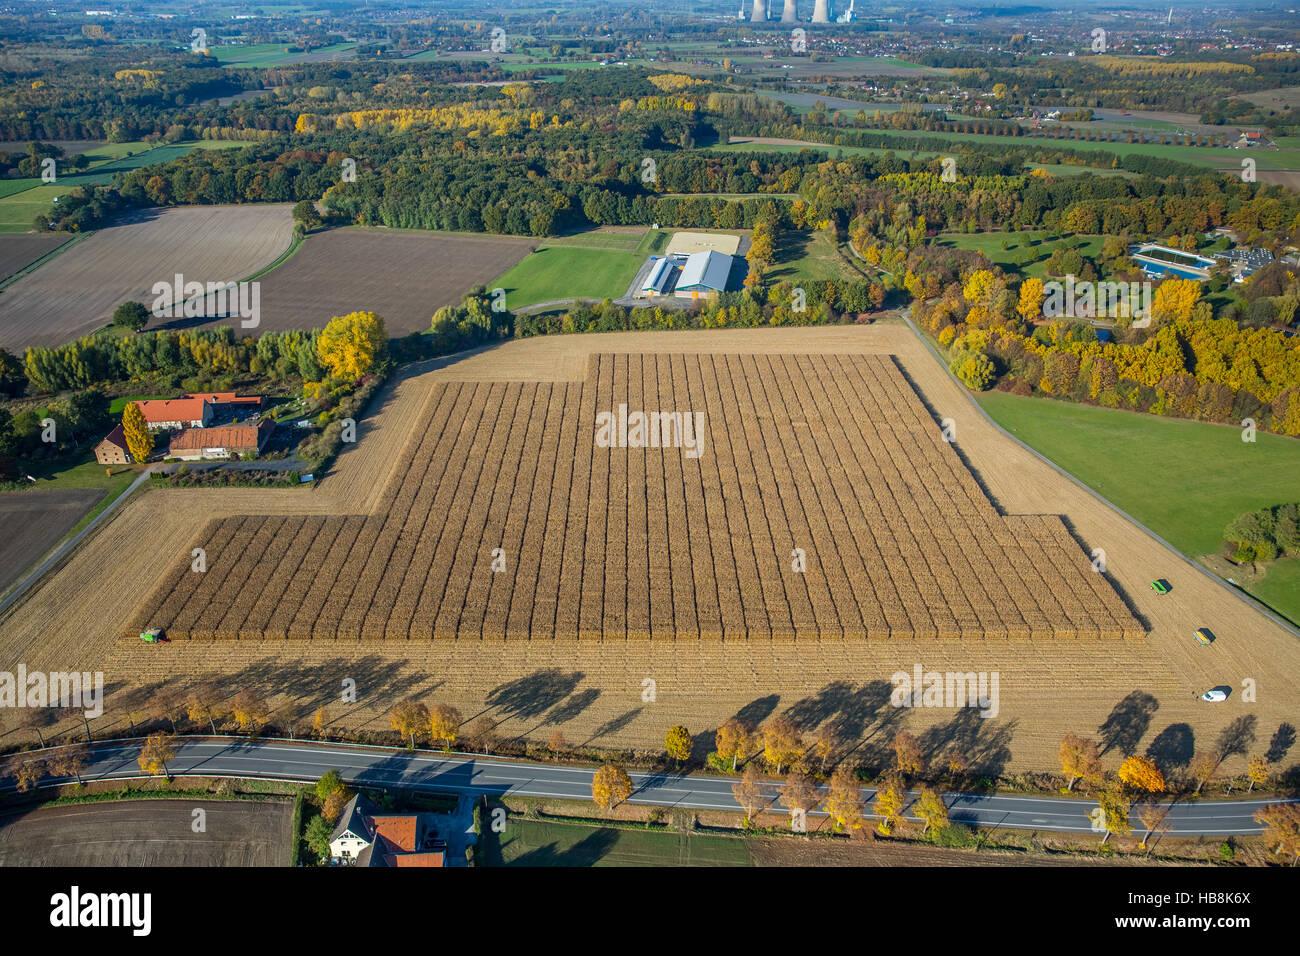 Vue aérienne des cultures de maïs, avec l'appui scientifique Pelkum, Kamen Street Barbecke, Hamm, Photo Stock